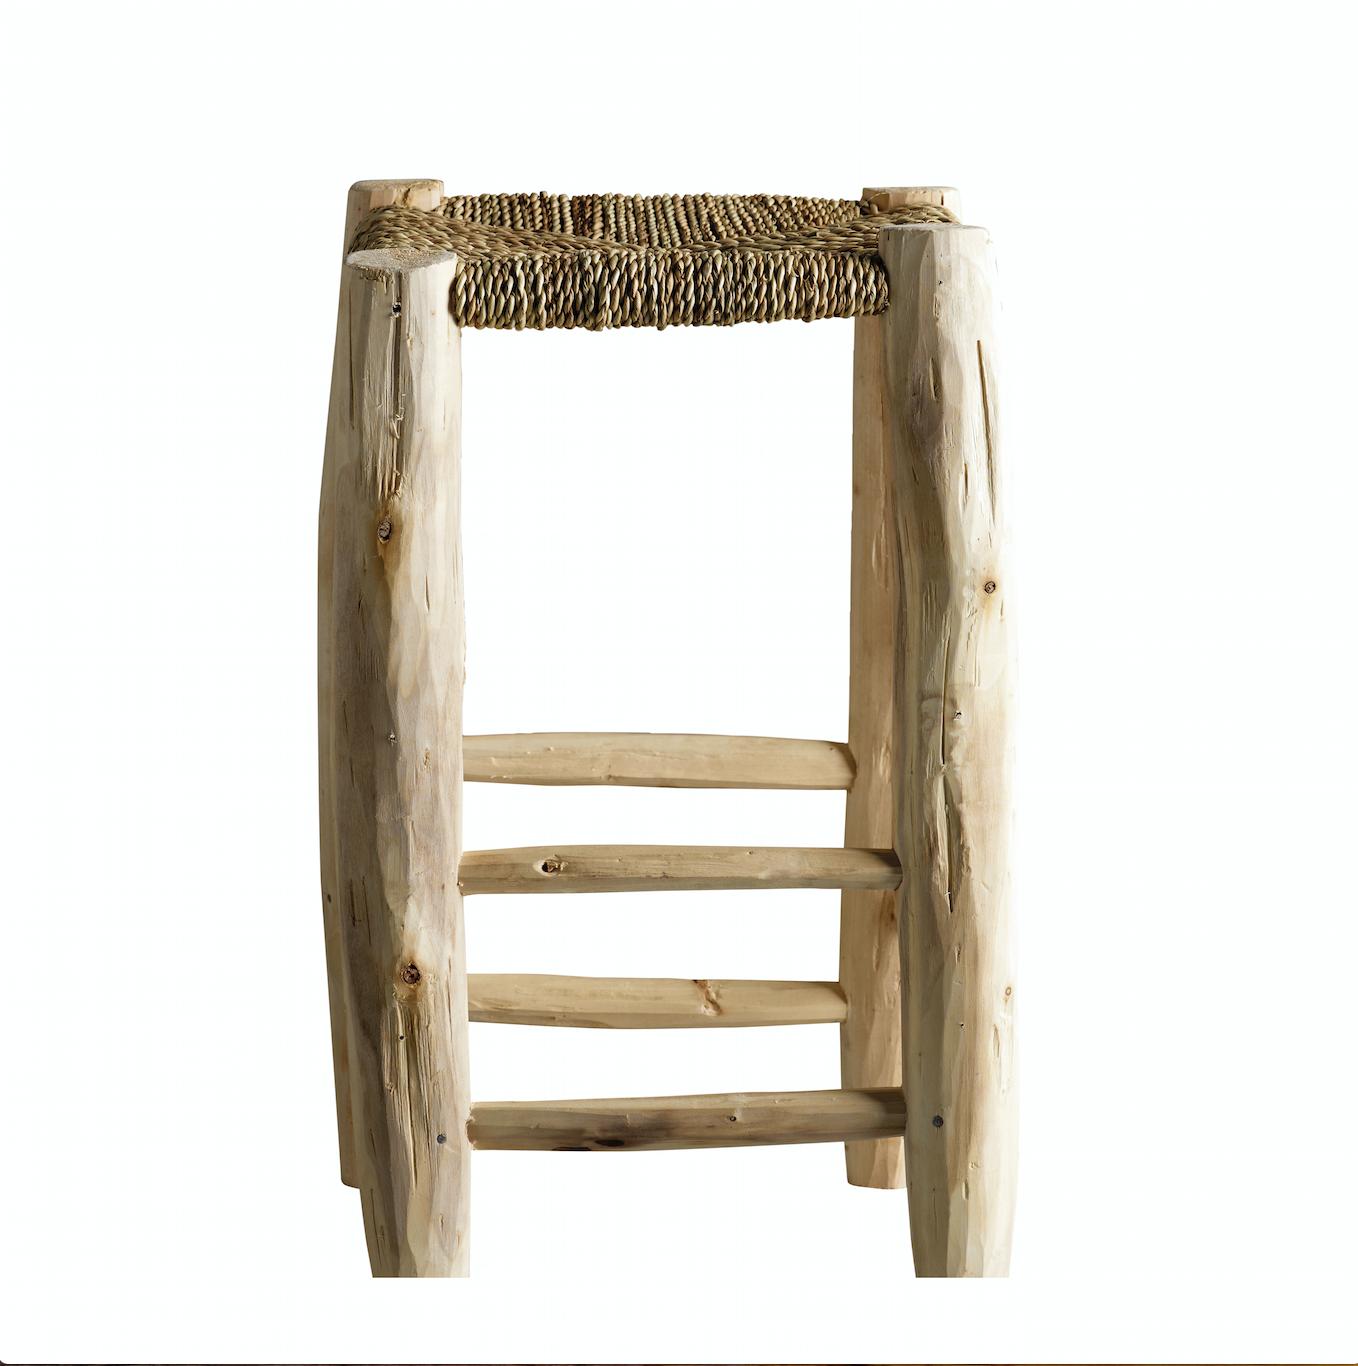 TineKHome Tabouret en bois et feuille de palmier - naturel - Ø30xh50cm - Tinekhome